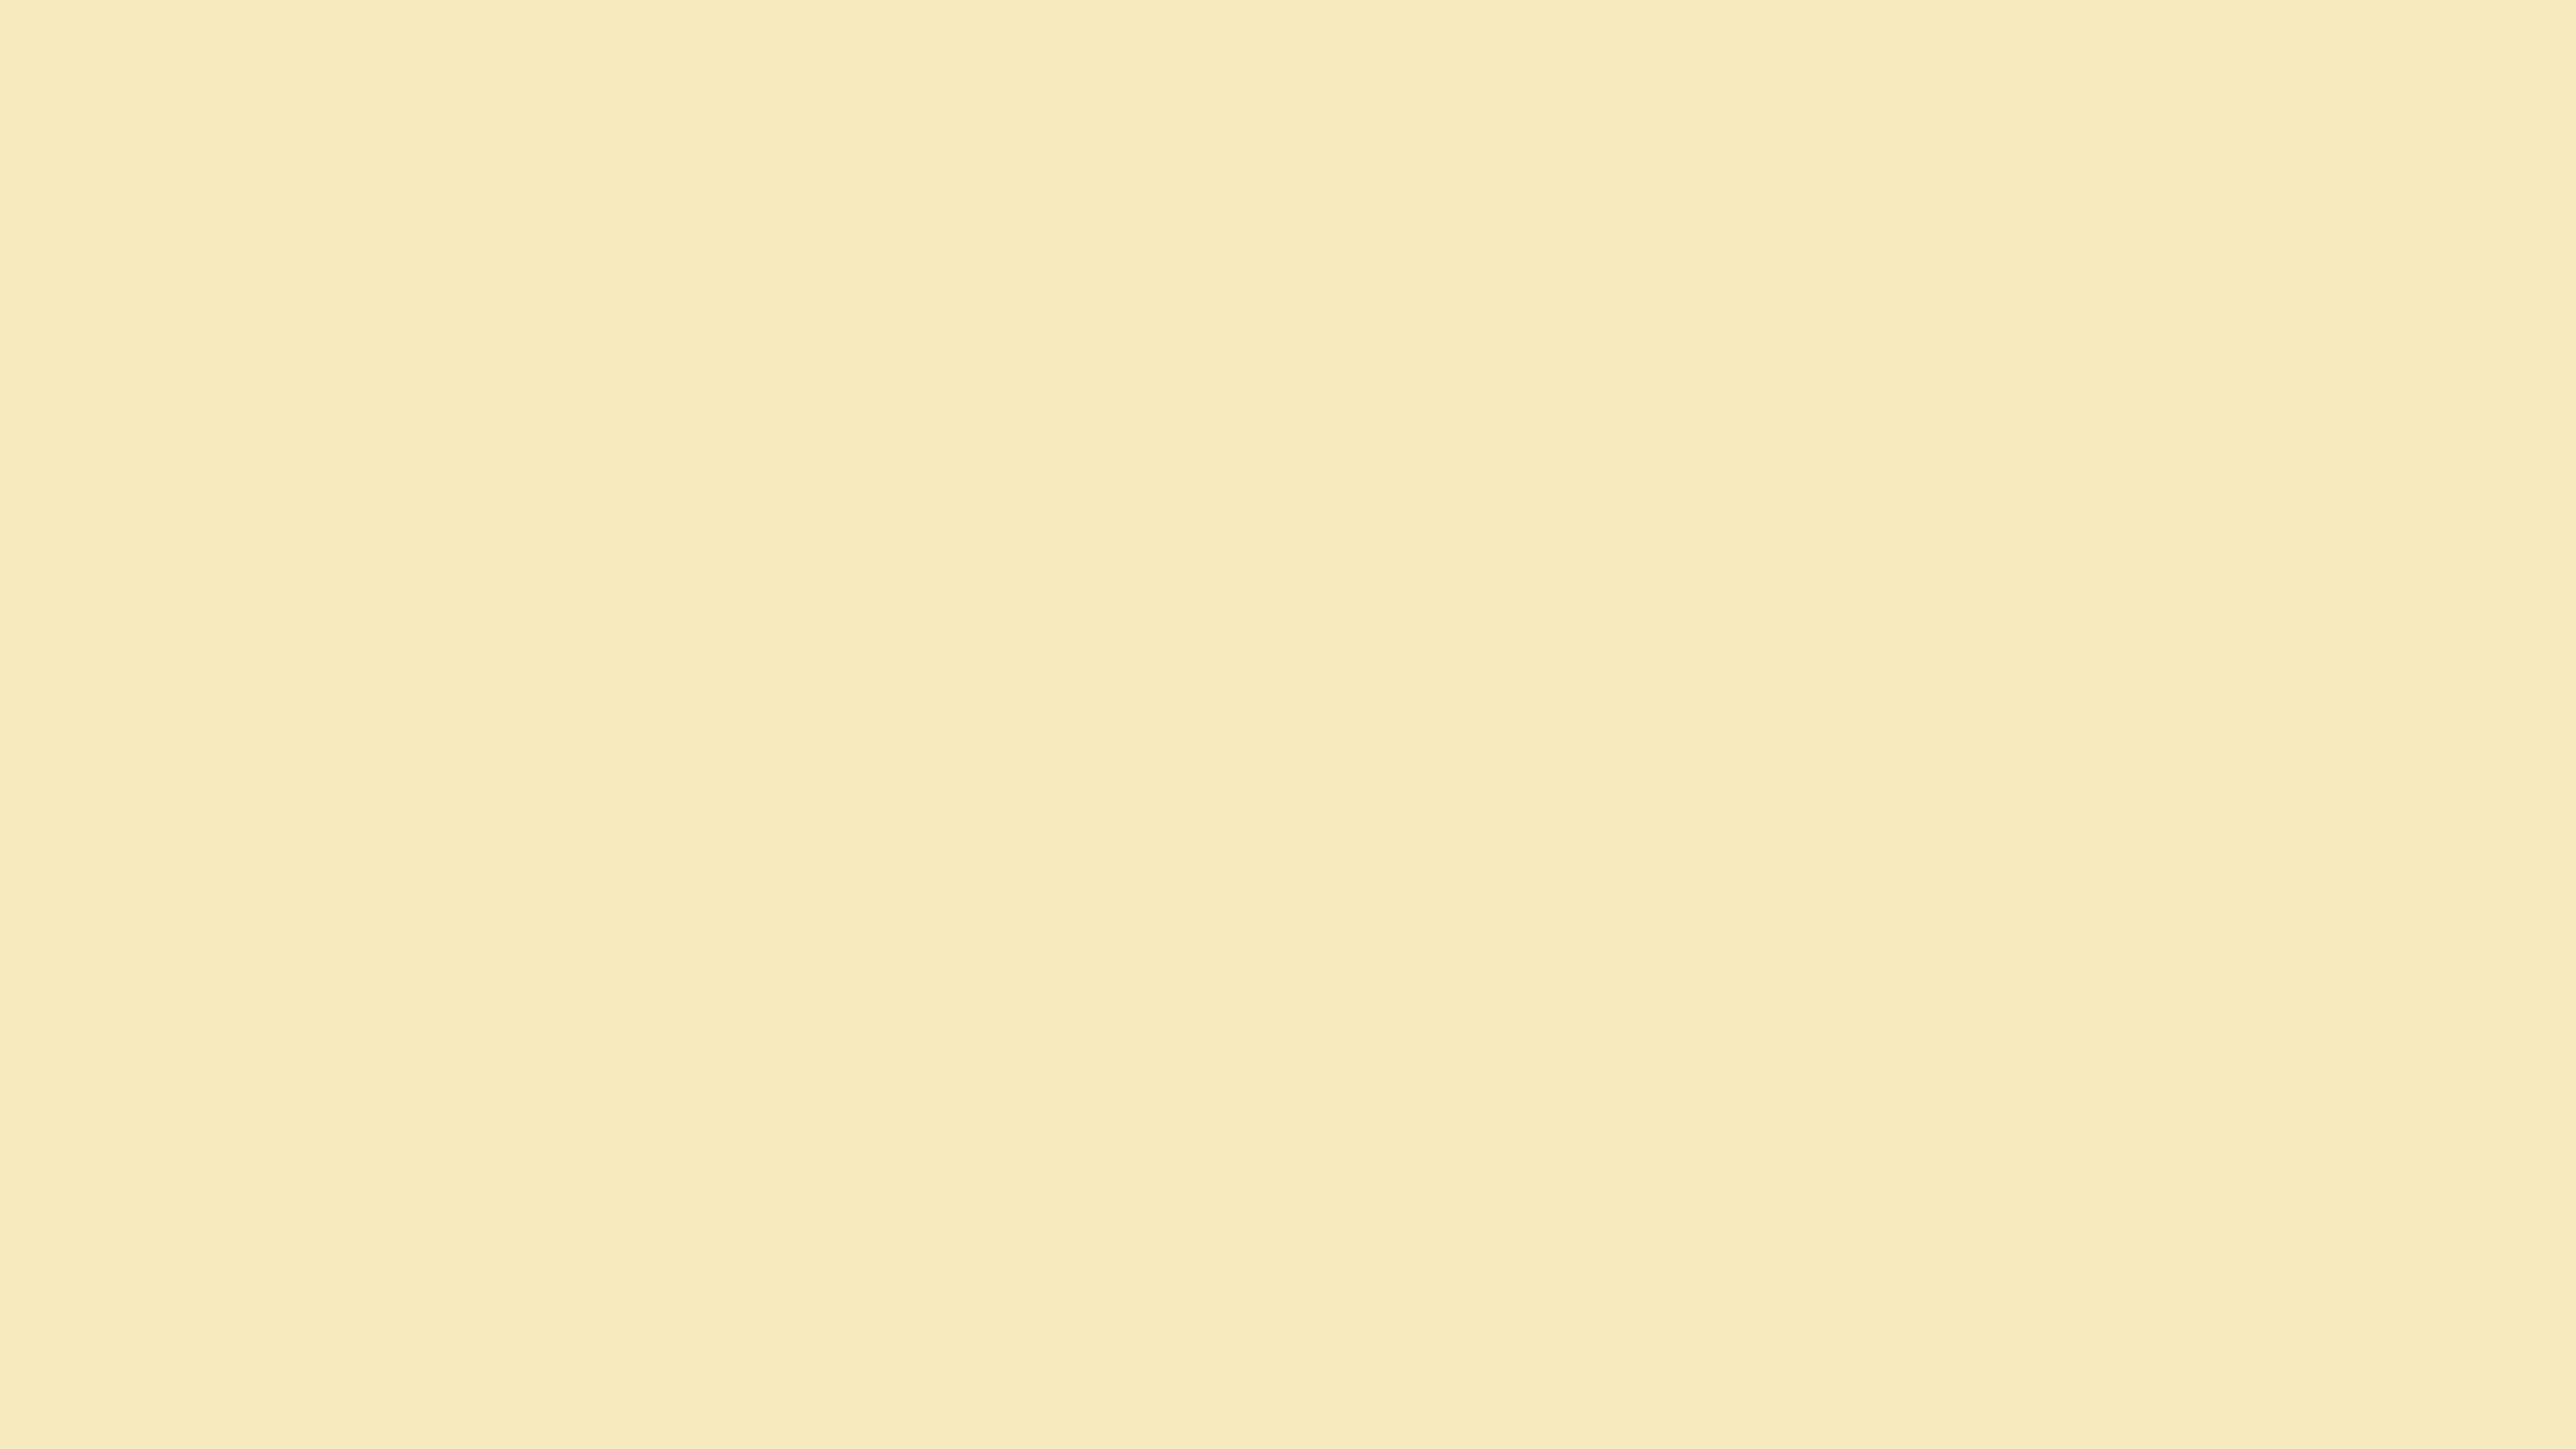 5120x2880 Lemon Meringue Solid Color Background